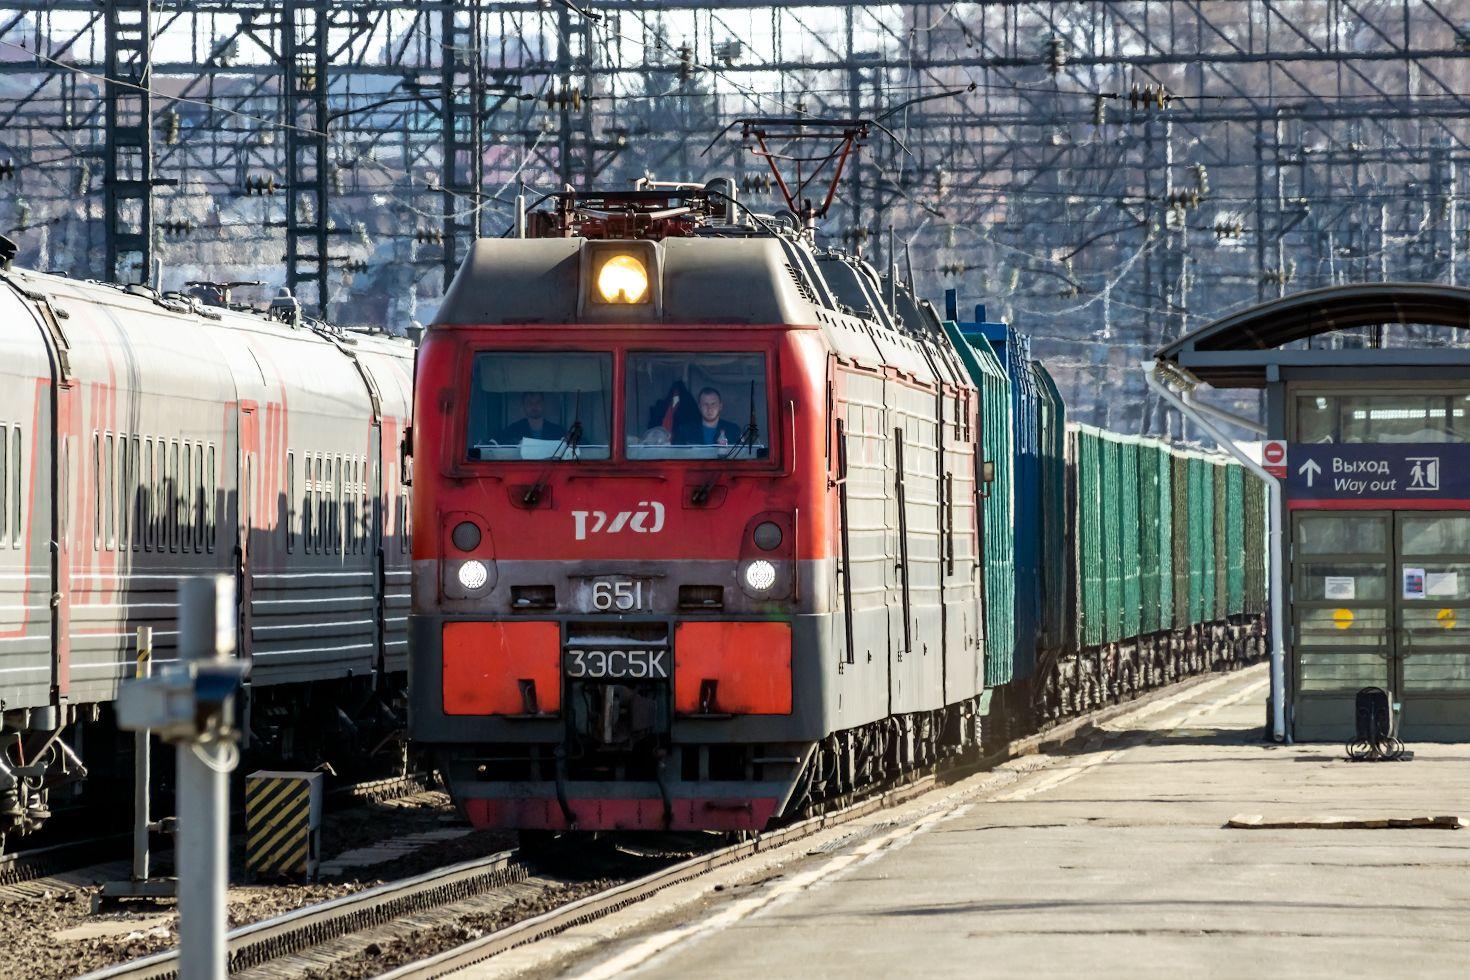 3ЭС5К-651 railway железная дорога locomotive локомотив электровоз поезд train Russia Siberia Irkutsk Россия Сибирь Иркутск споттинг spotting